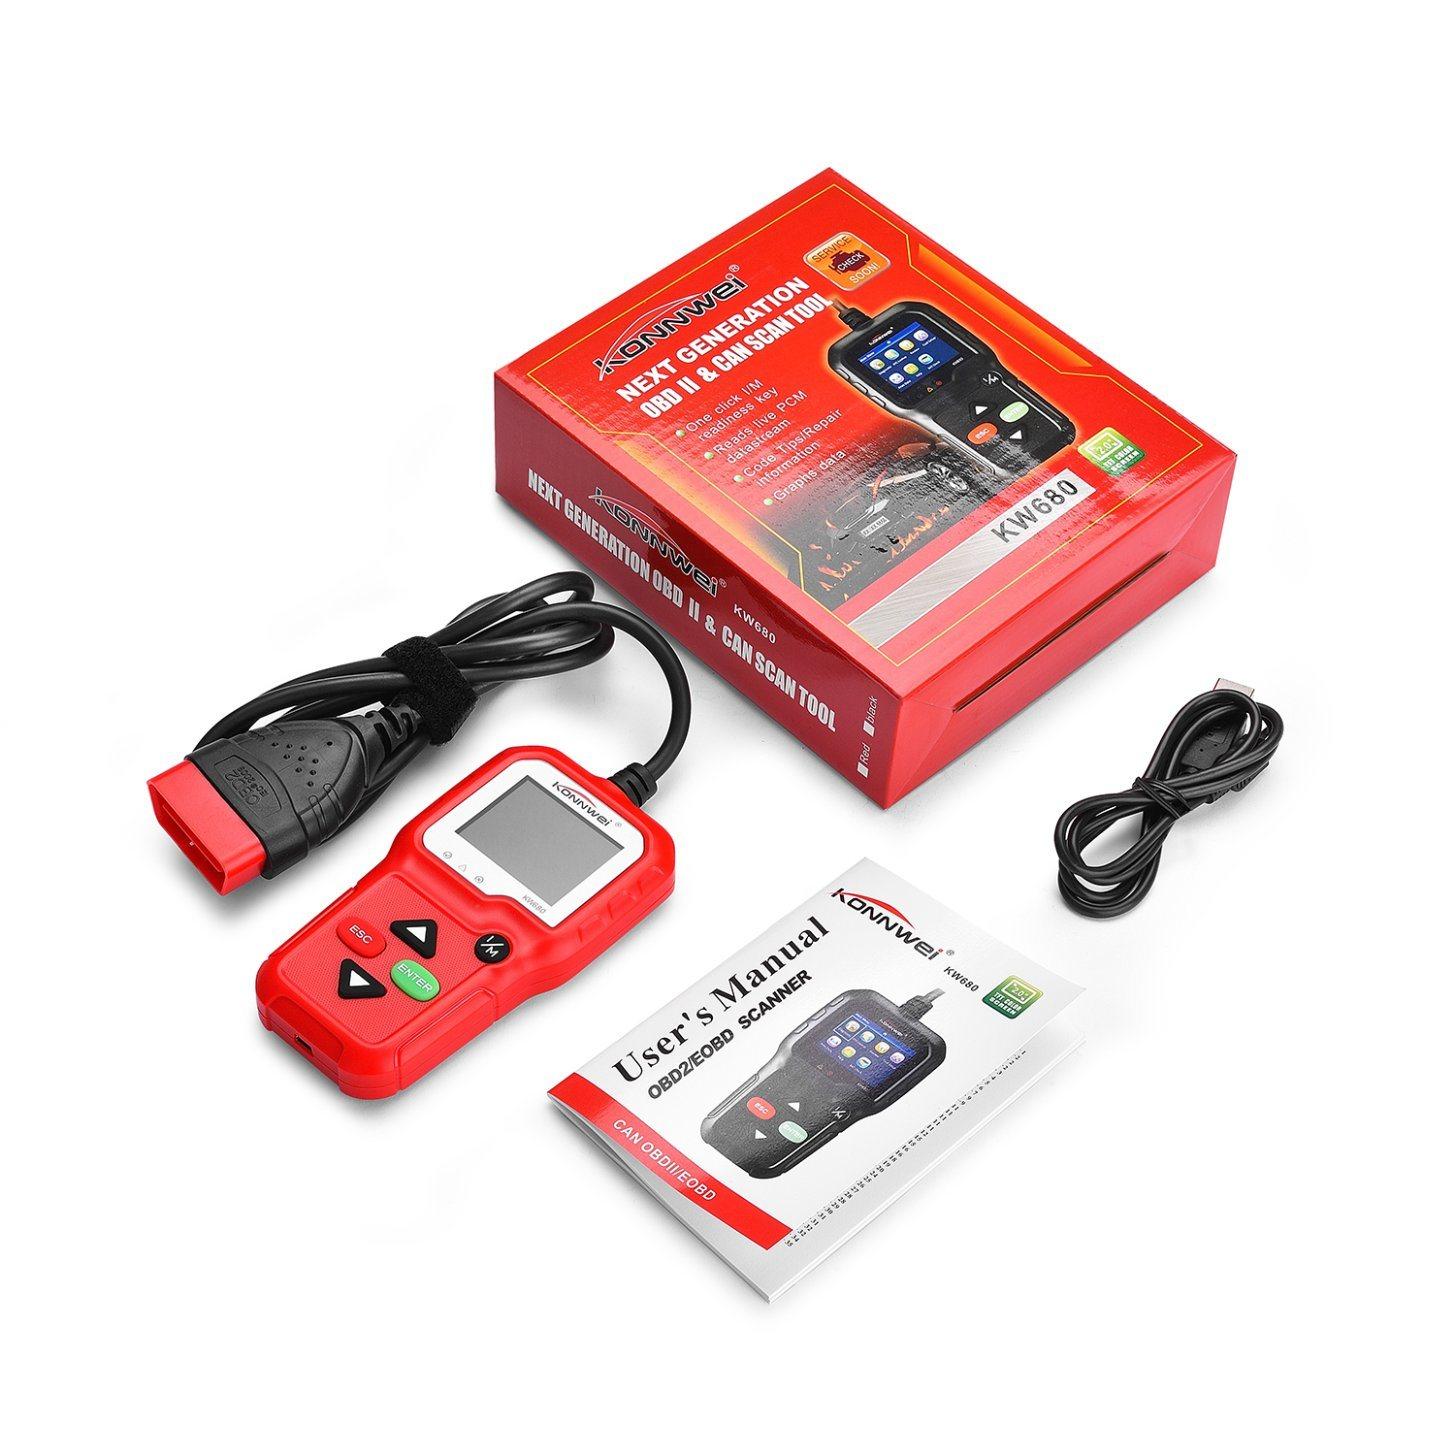 Konnwe Kw680 OBD2 Eobd Can Automotive Scanner Support SAE J1850